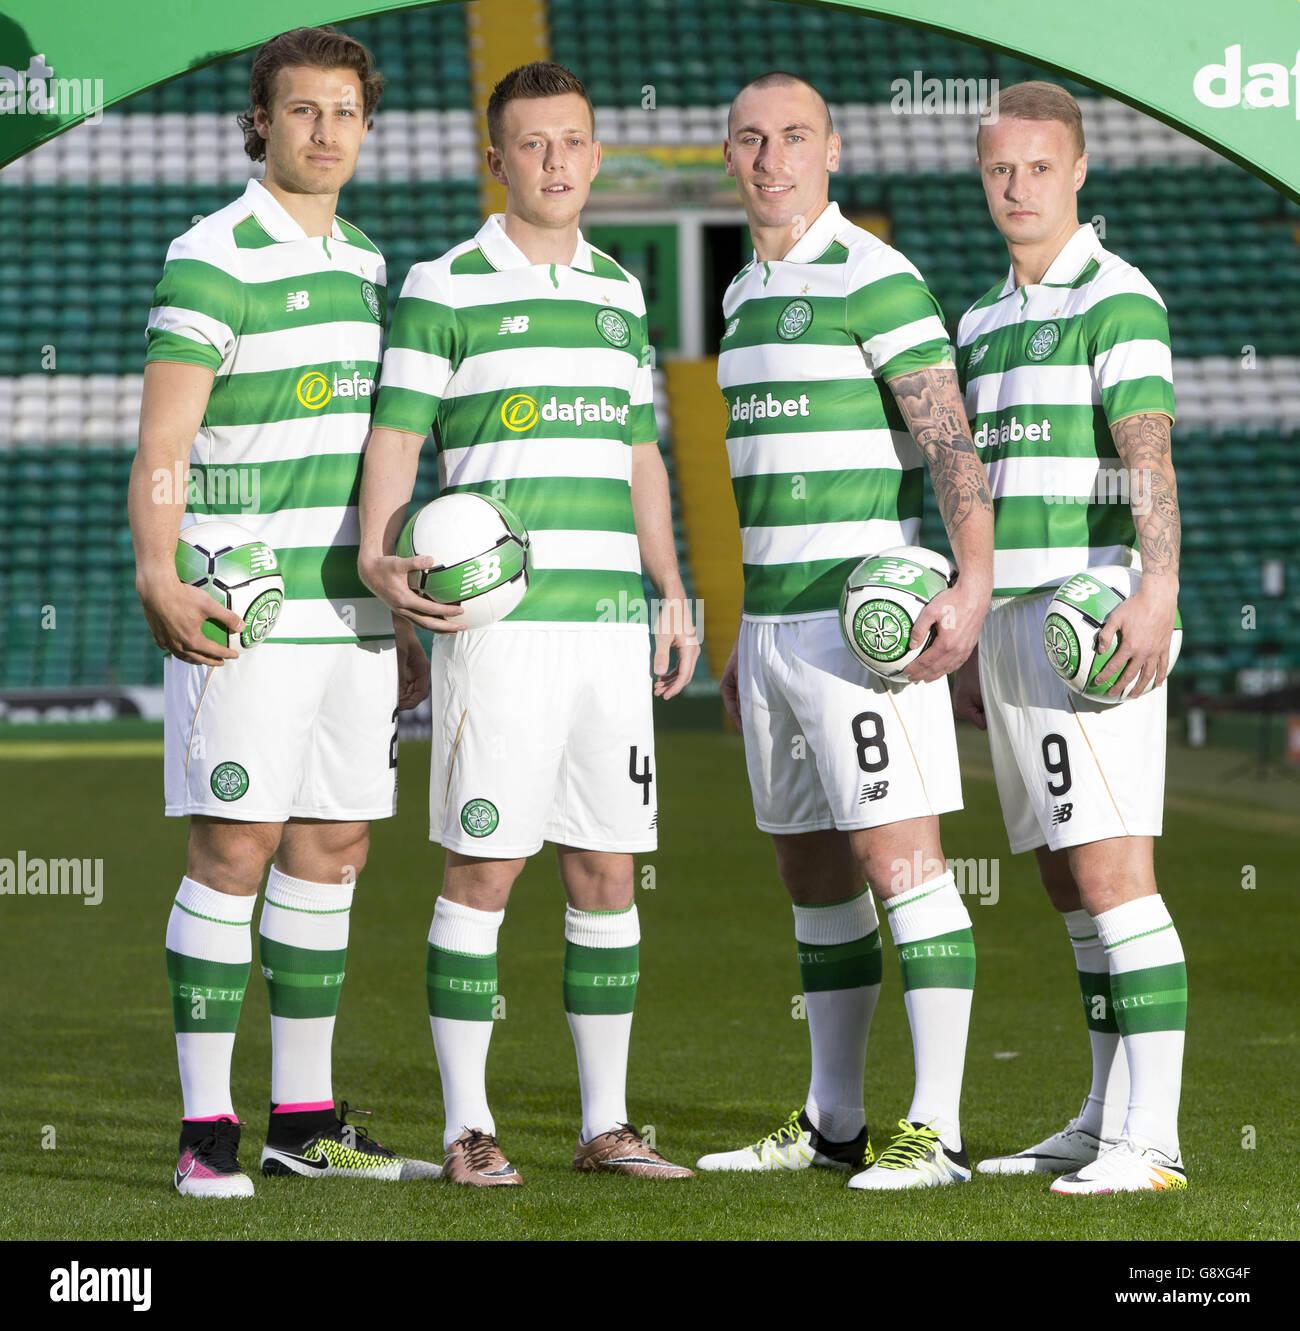 Celtic Fc Kit Launch Celtic Park Stock Photo Alamy